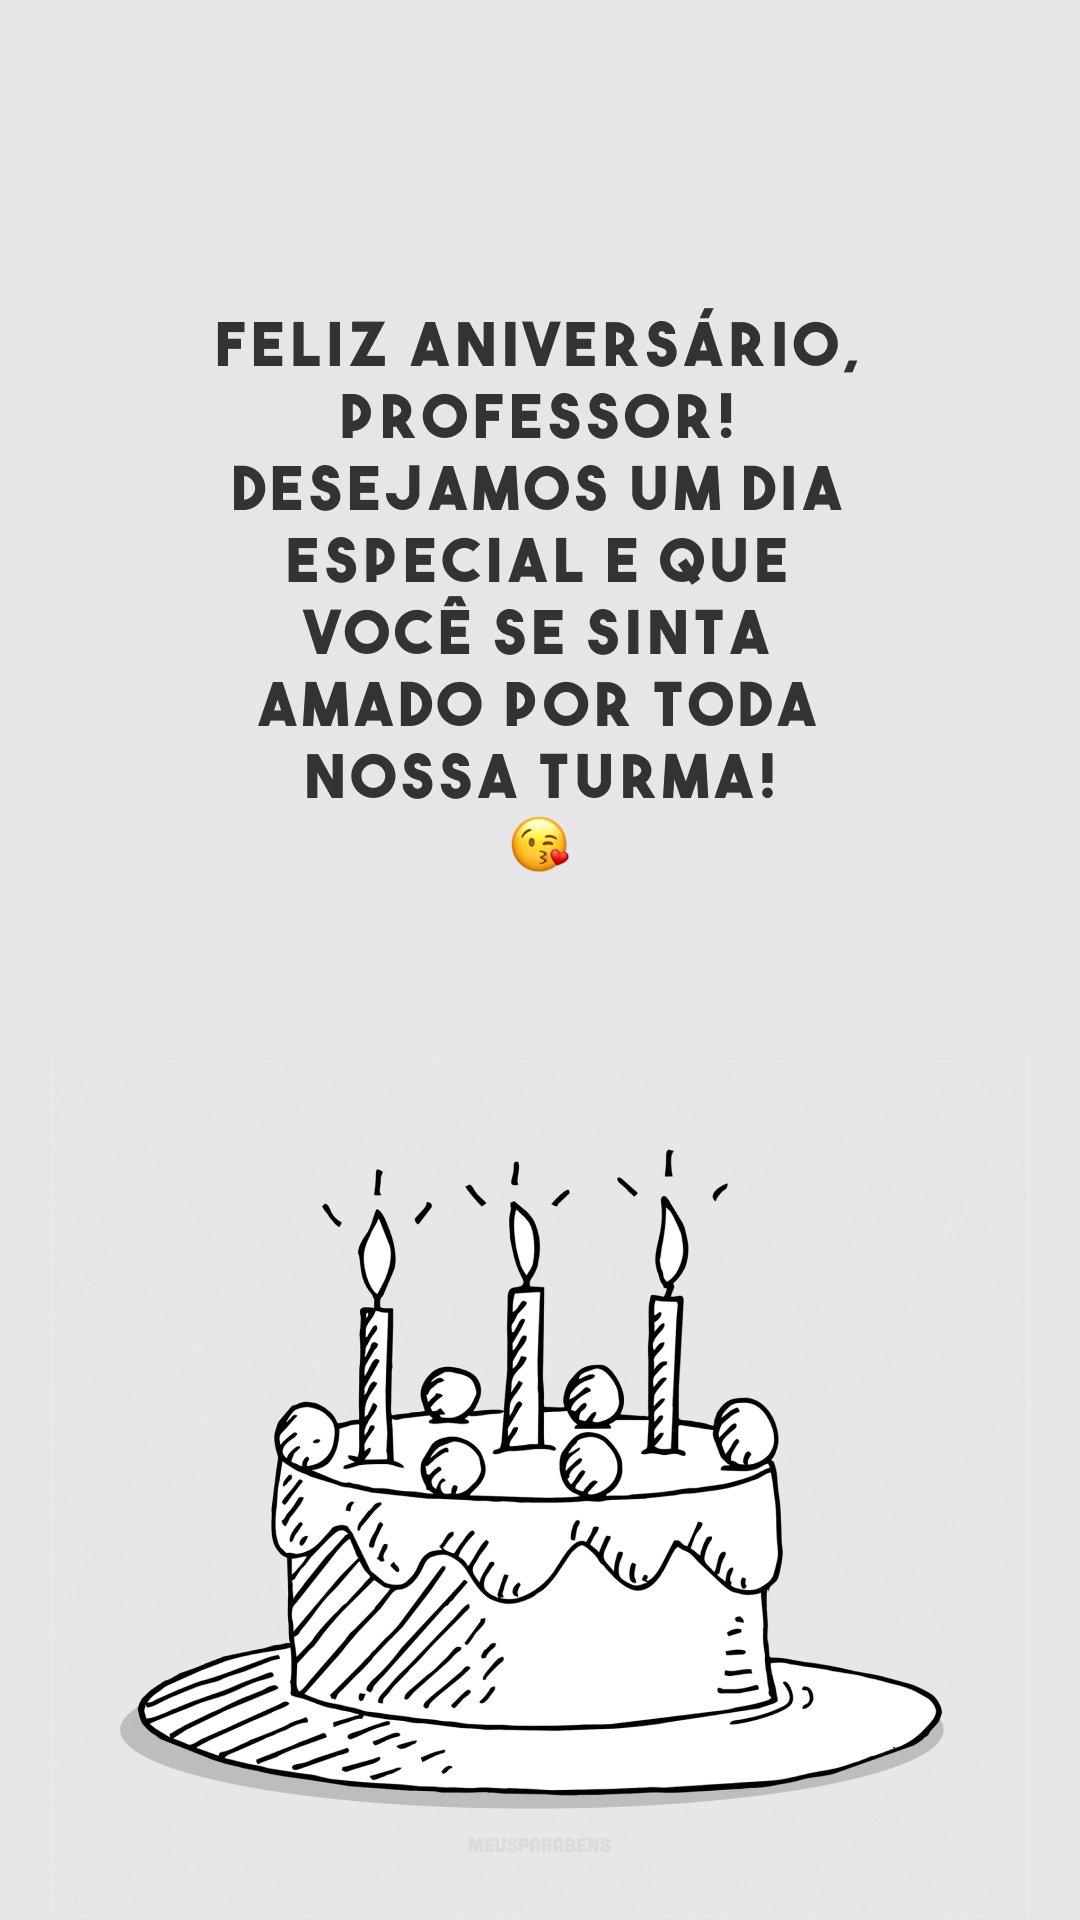 Feliz aniversário, professor! Desejamos um dia especial e que você se sinta amado por toda nossa turma! 😘